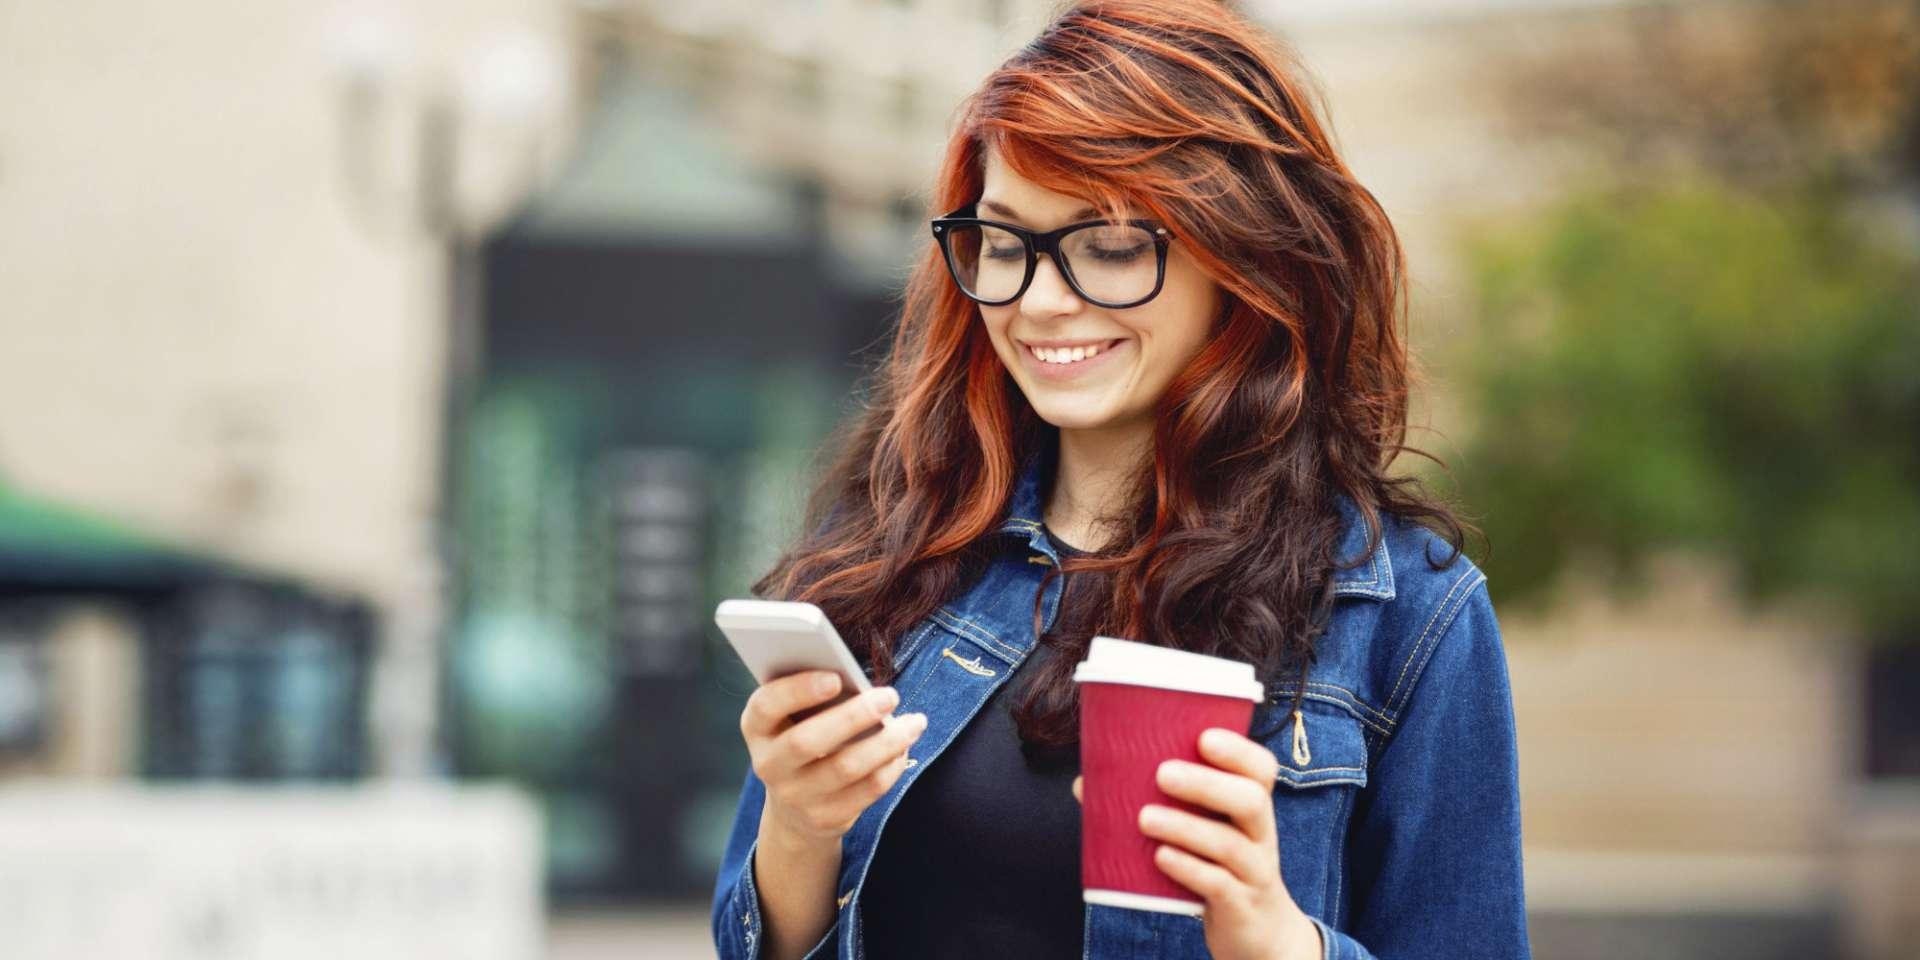 Девушка с телефоном картинки красивые